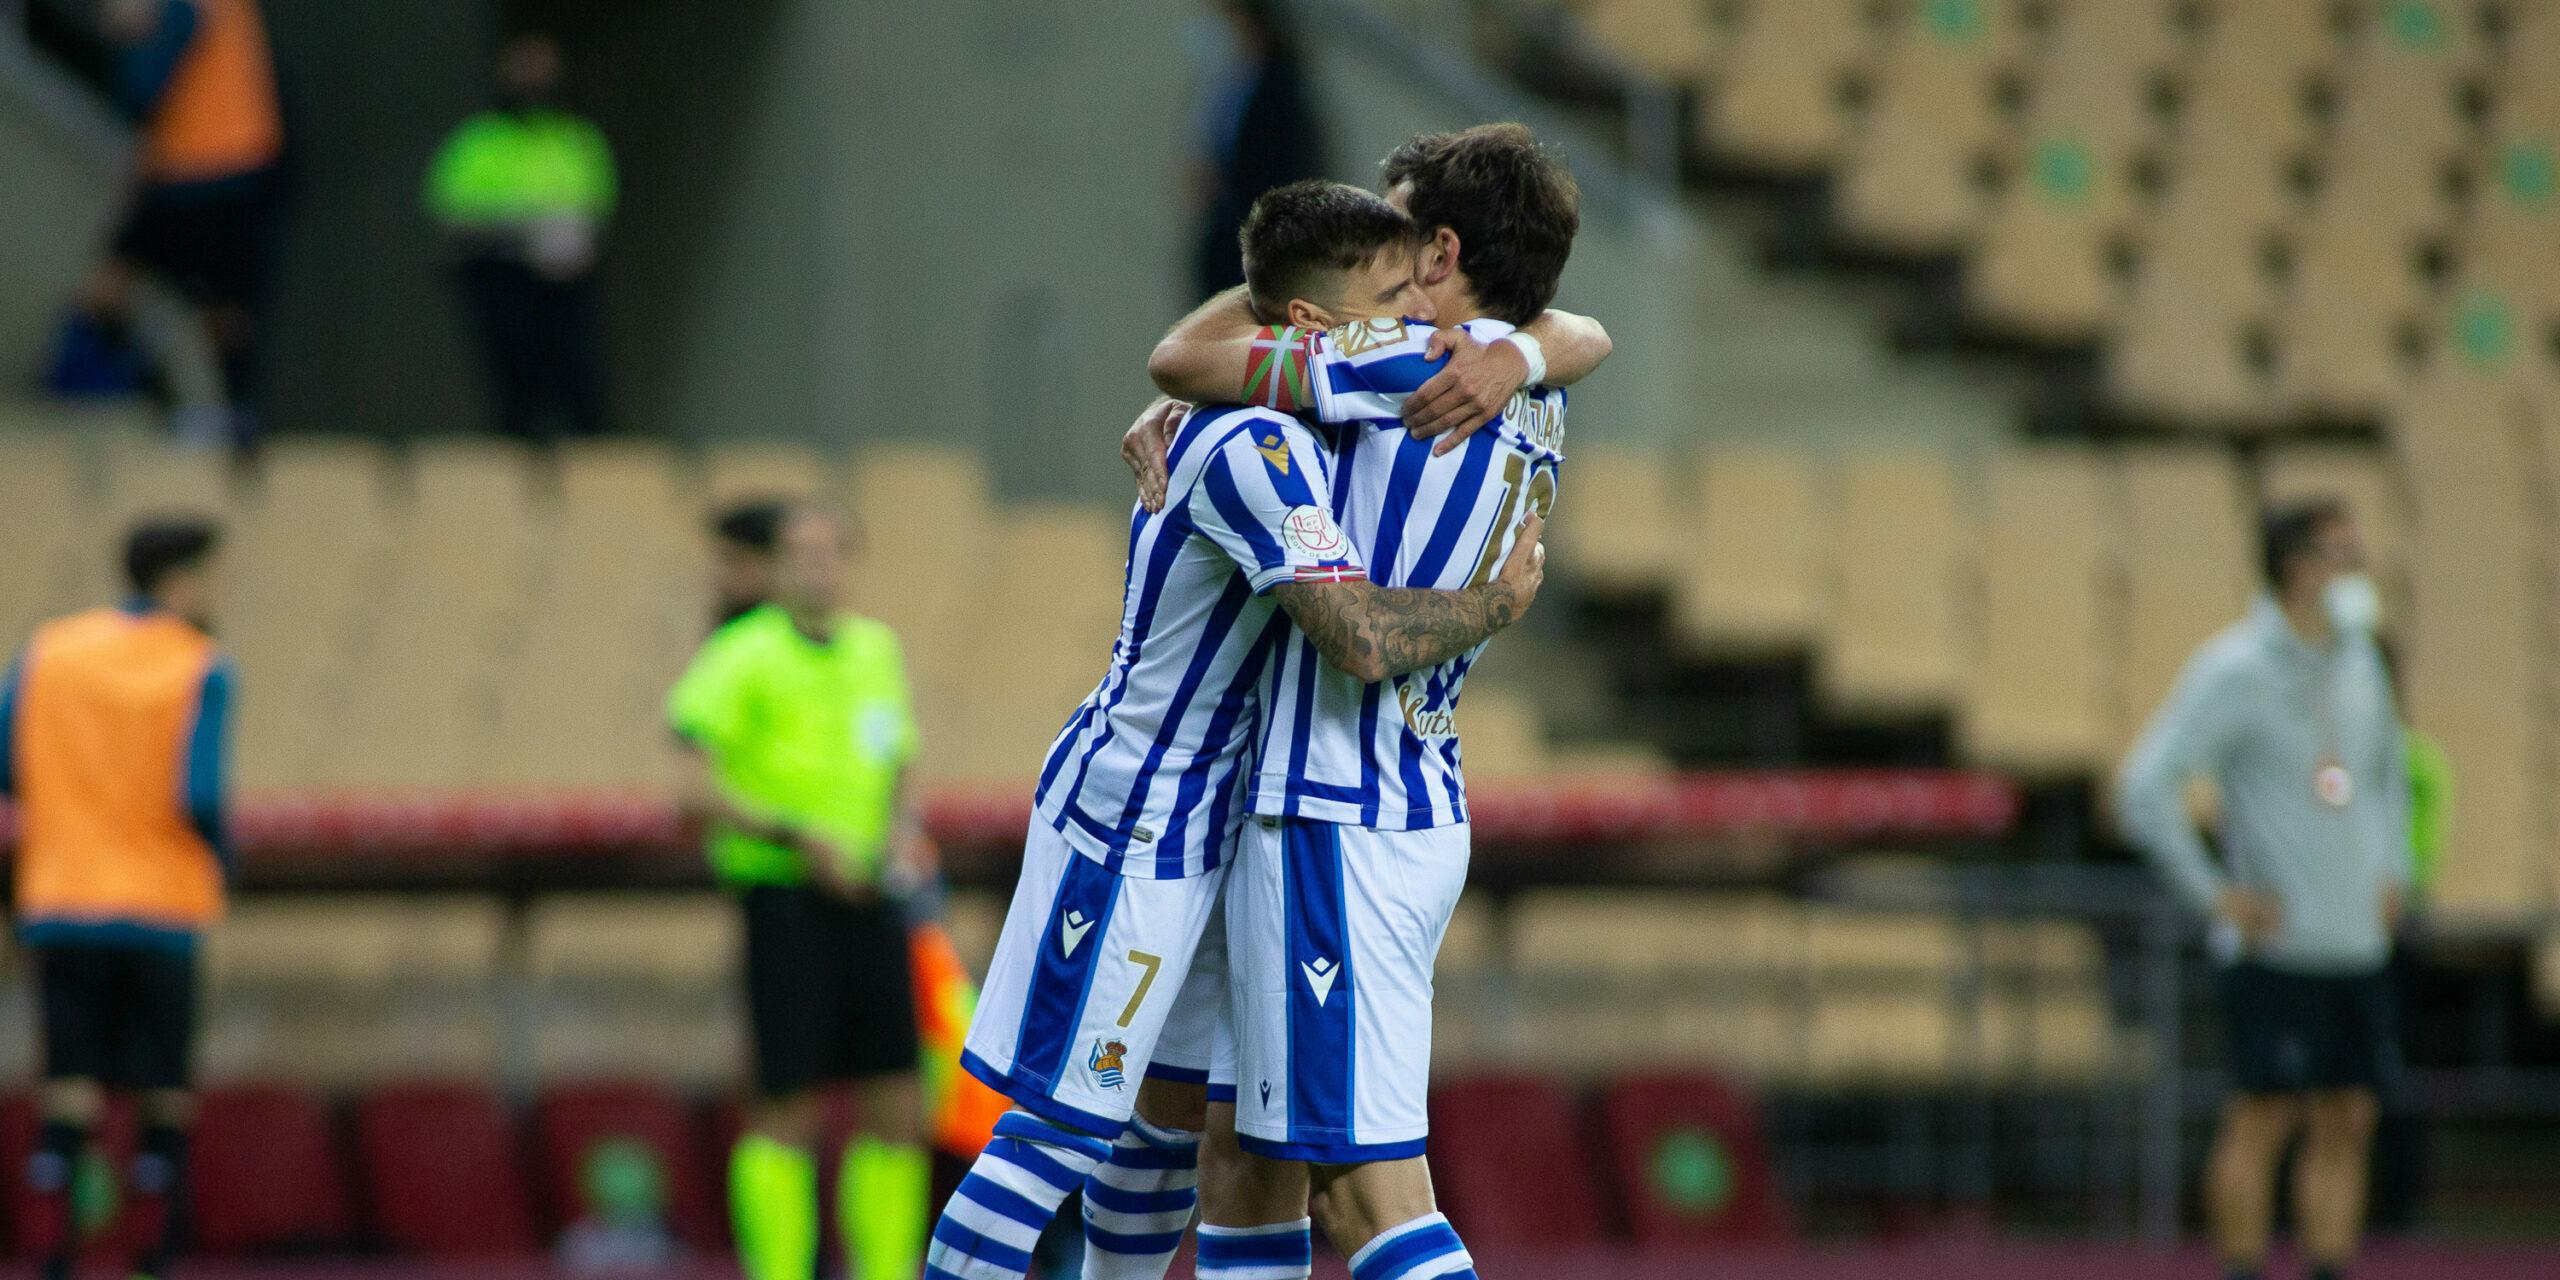 Jugadors de la Reial celebrant el gol | Europa Press